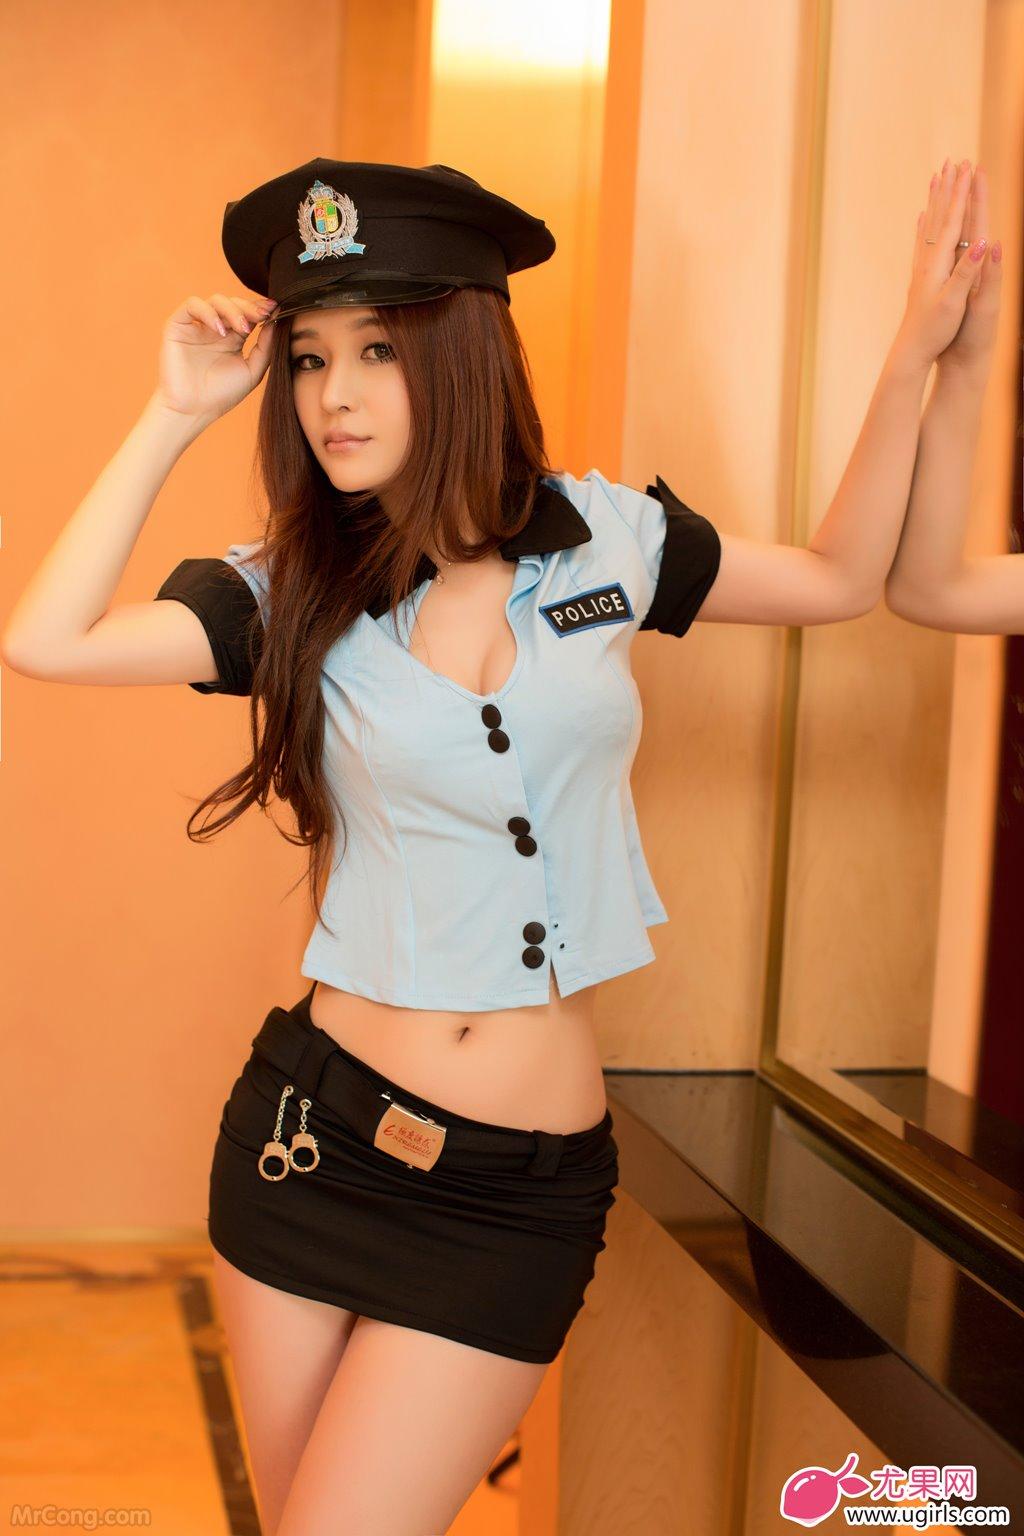 Image MrCong.com-UGIRLS-015-Chun-Xiao-Xi-004 in post Người đẹp Chun Xiao Xi (纯小希) siêu nóng bỏng trong bộ ảnh UGIRLS 015